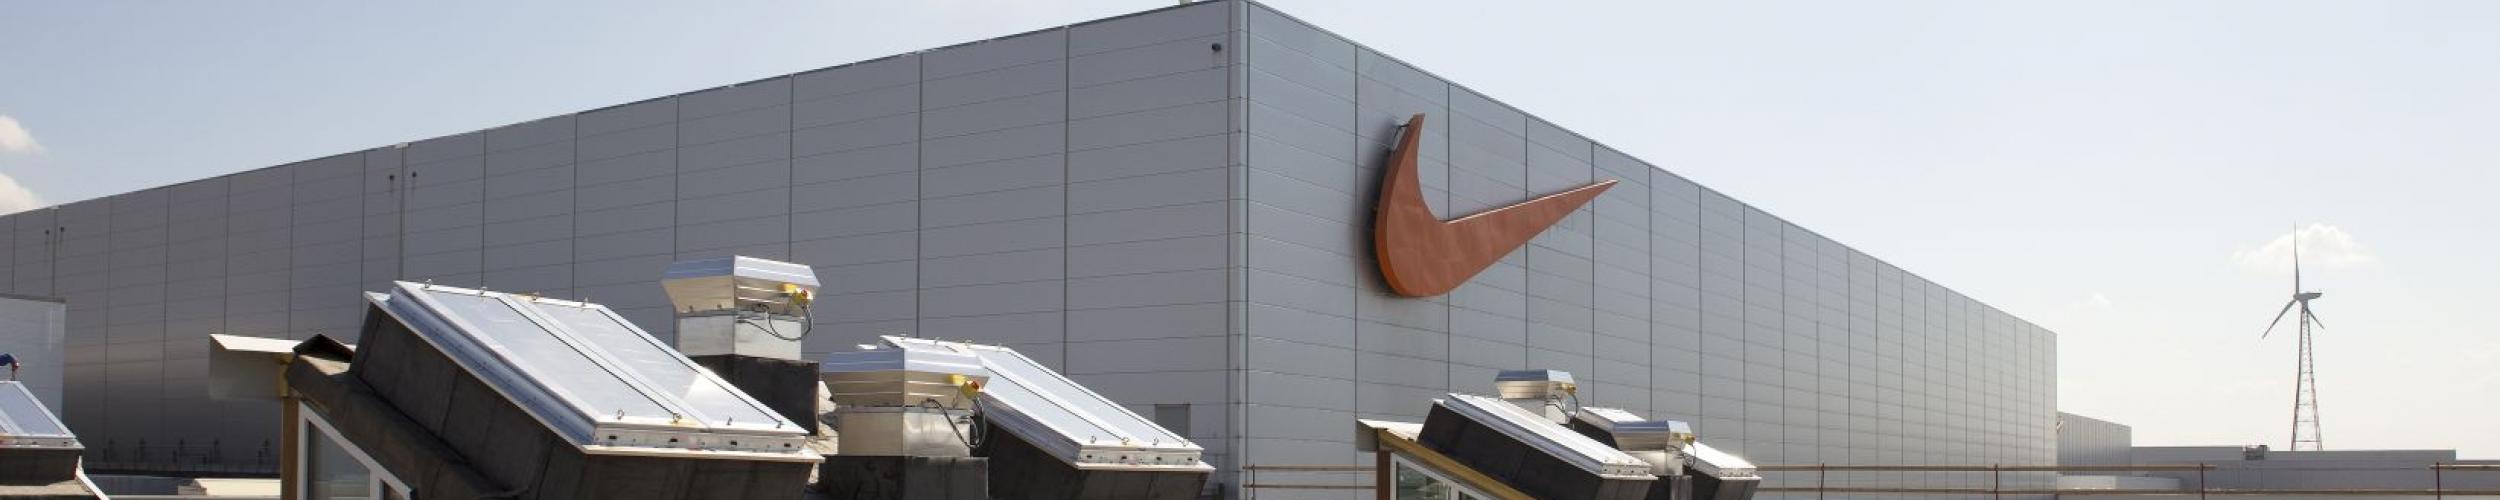 Project: Nike - Laakdal